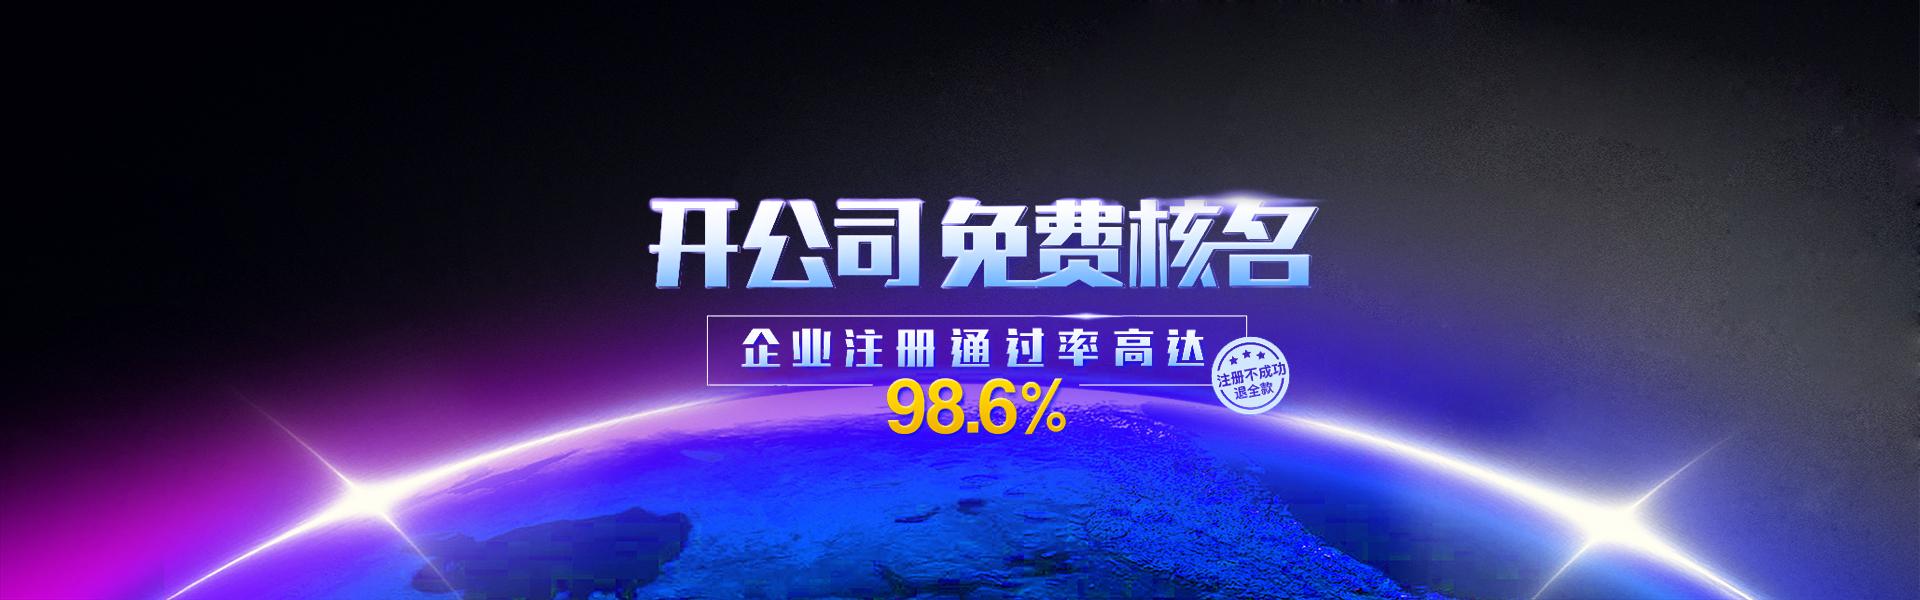 重庆公司核名